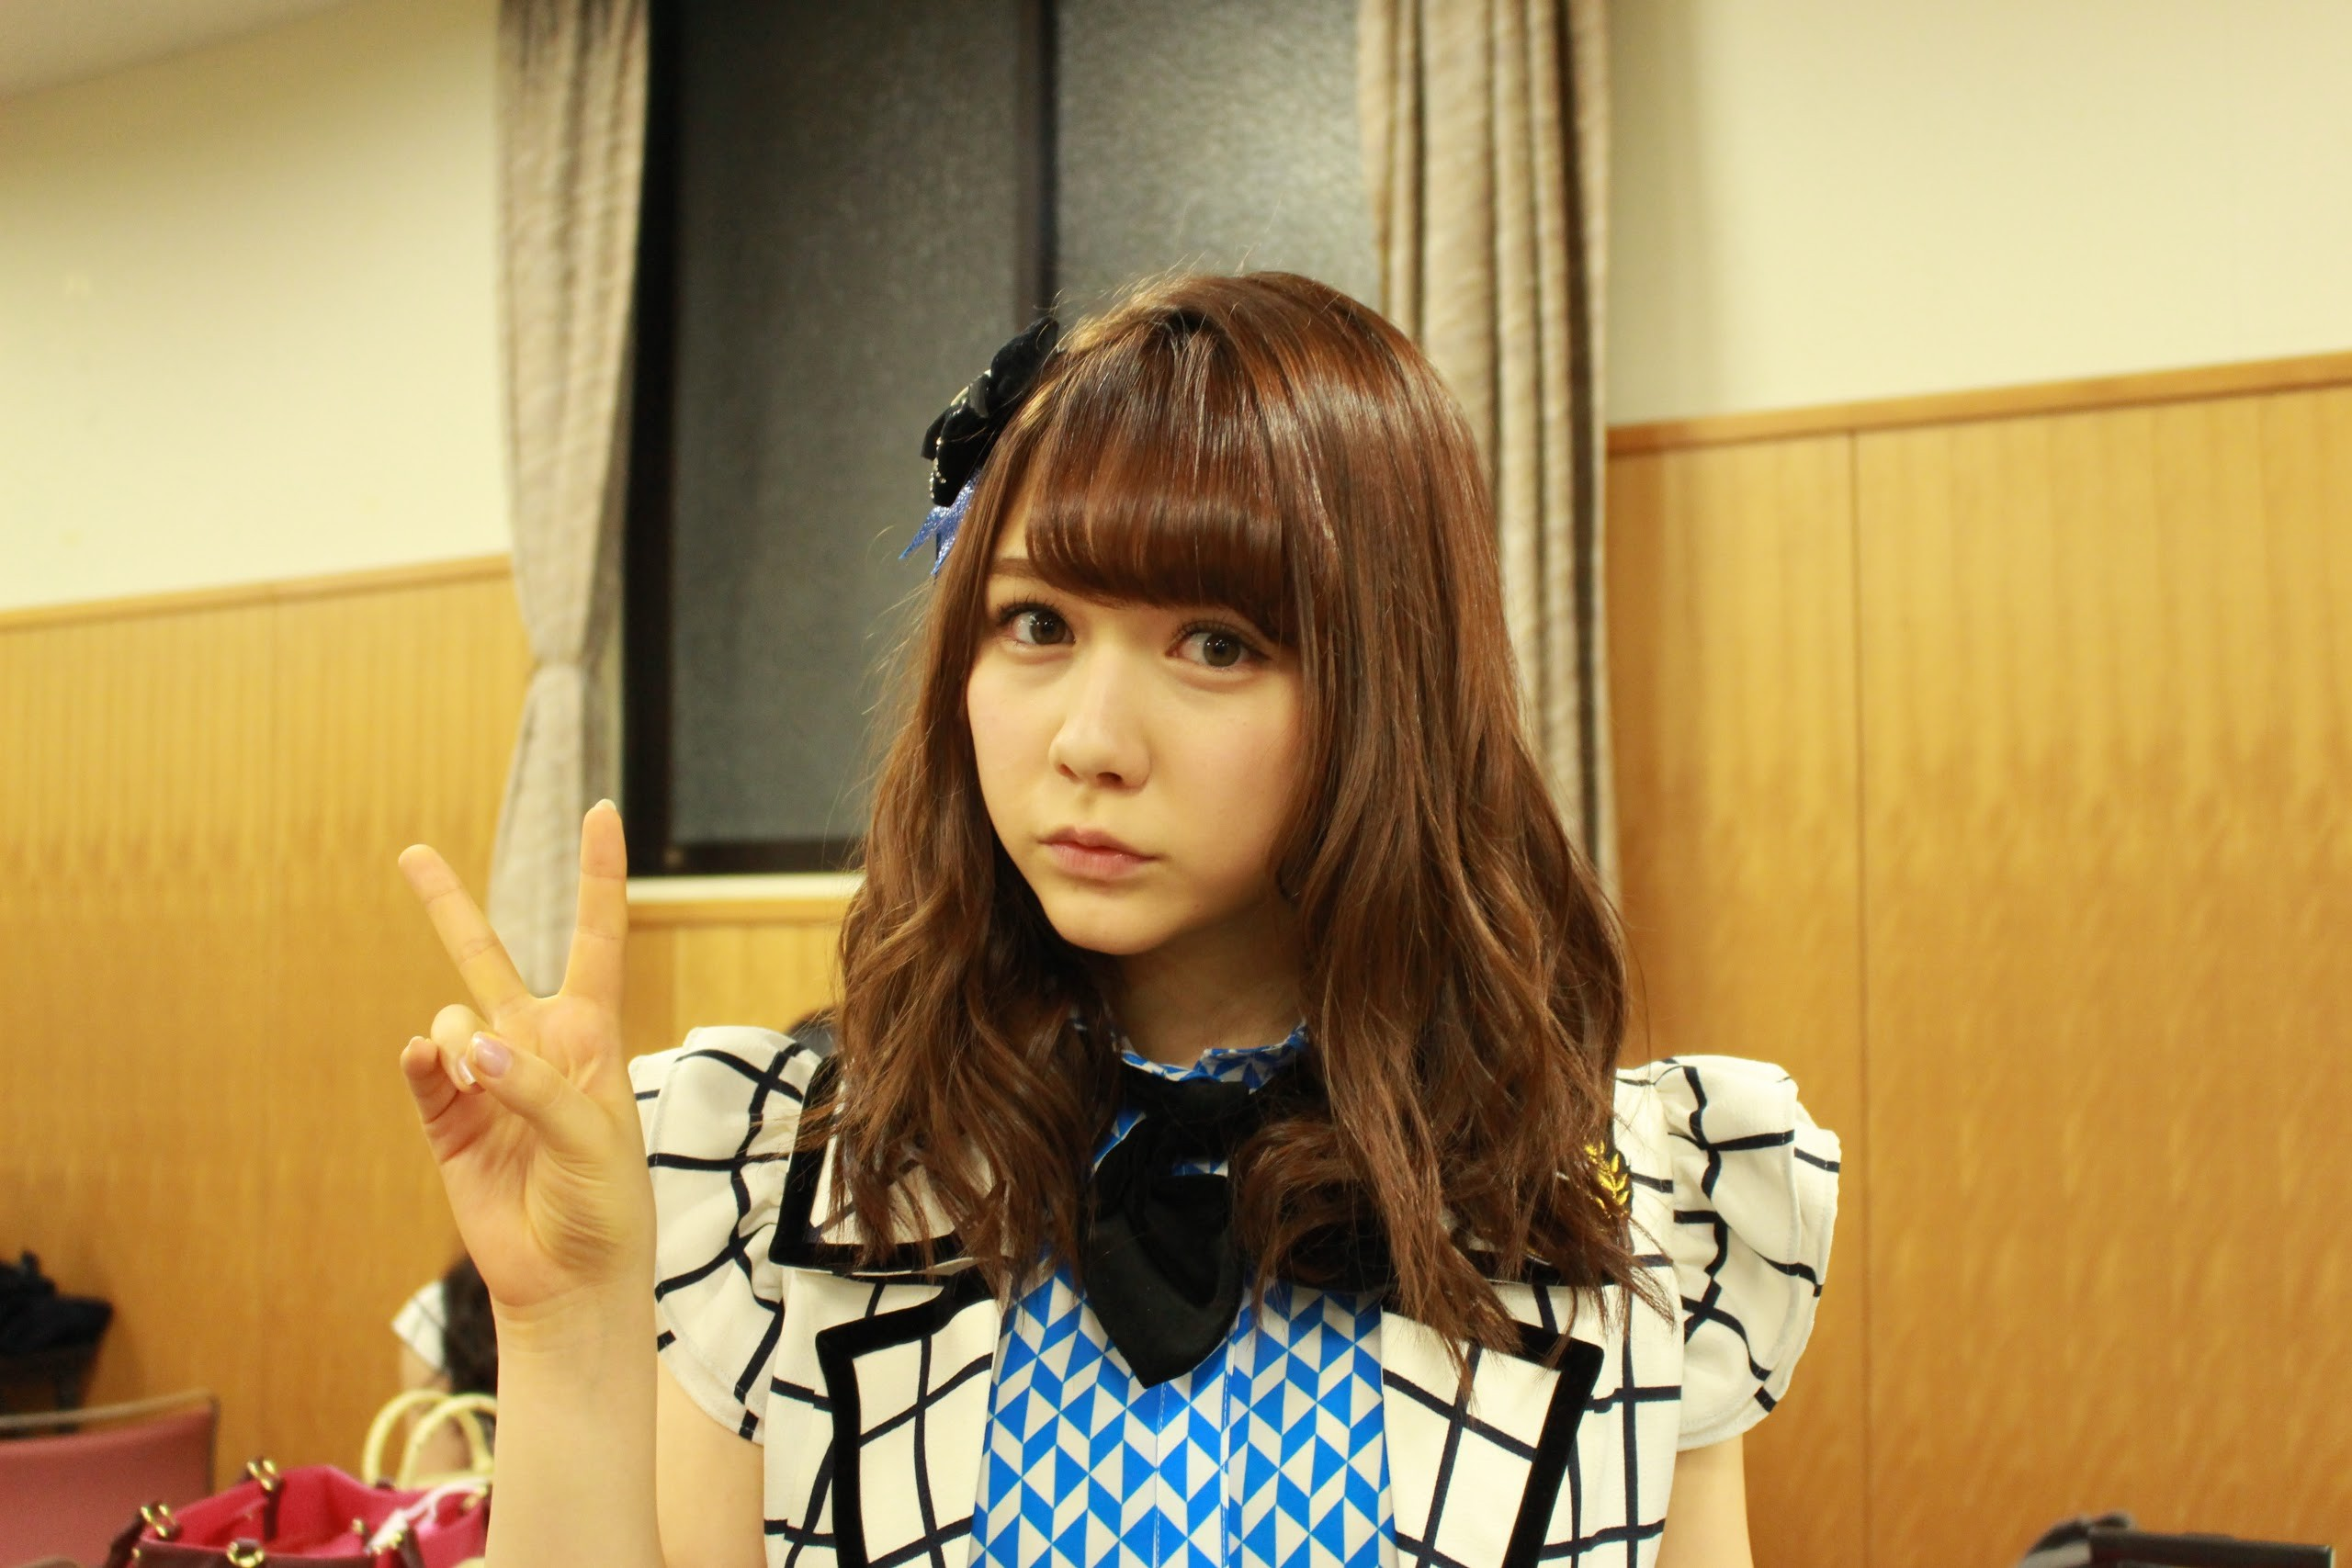 ハーフ顔に制服姿が可愛い村重杏奈の画像